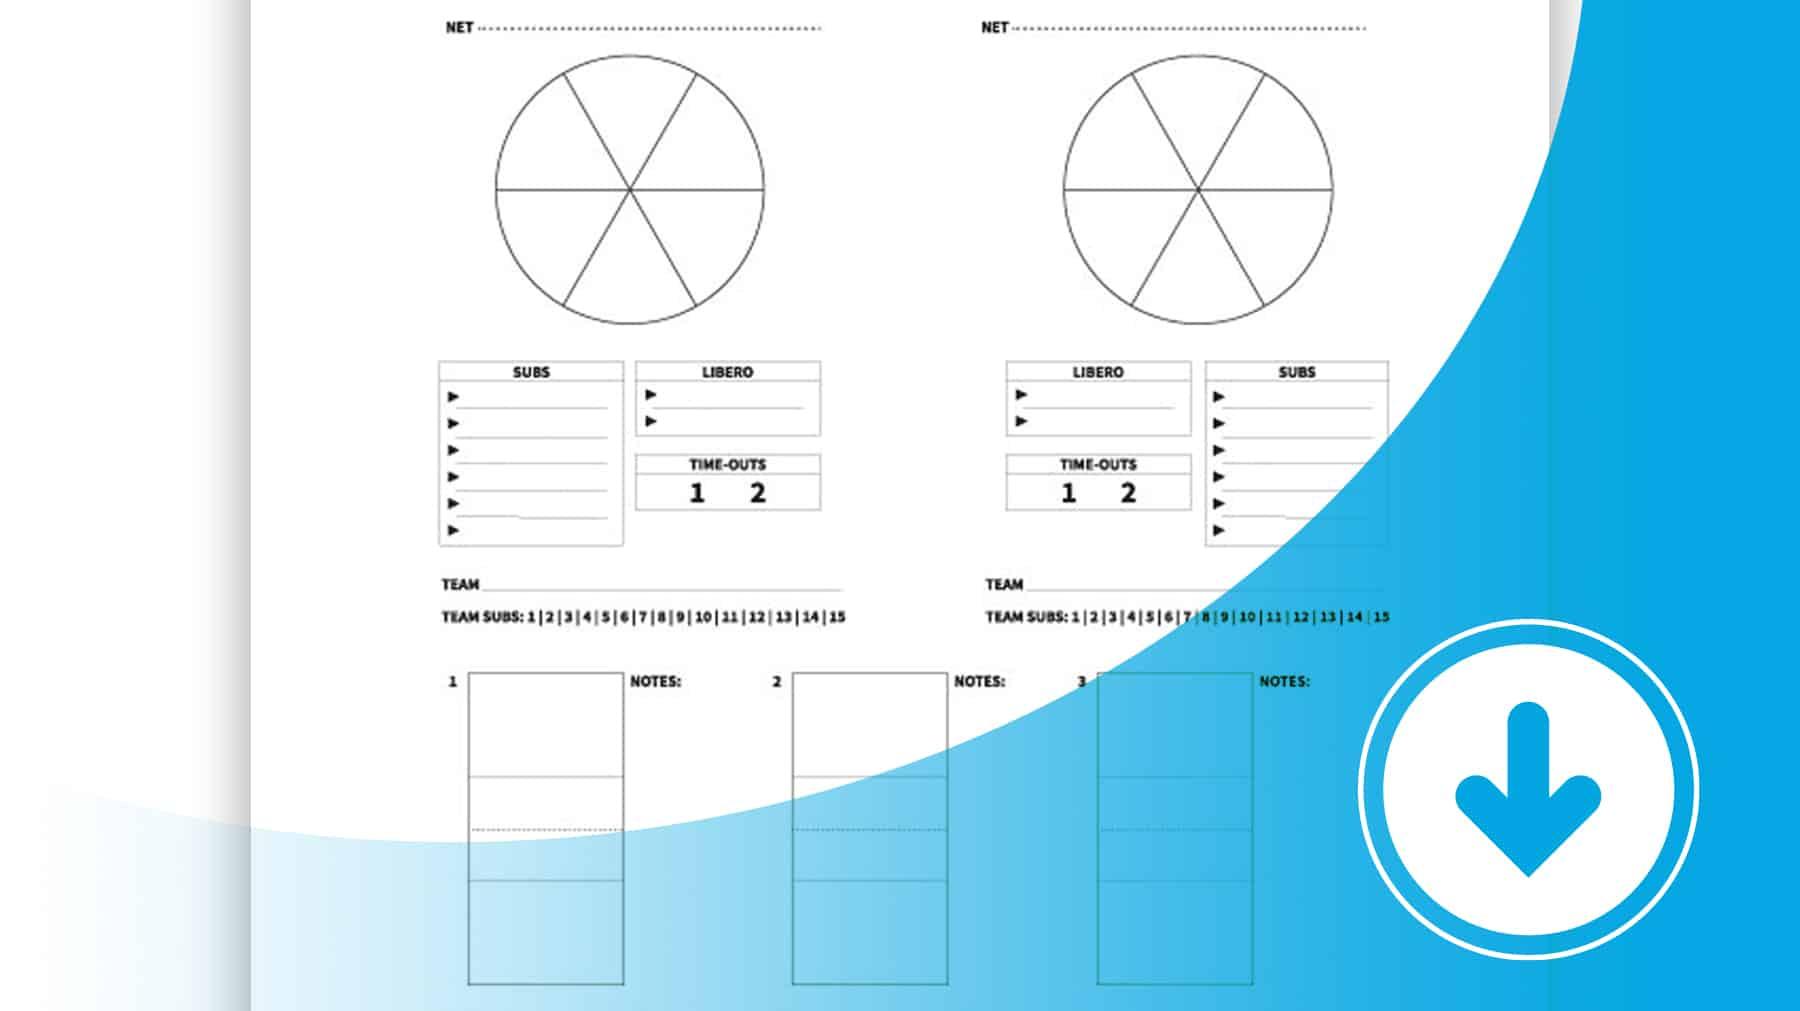 Starting Line Up Worksheet